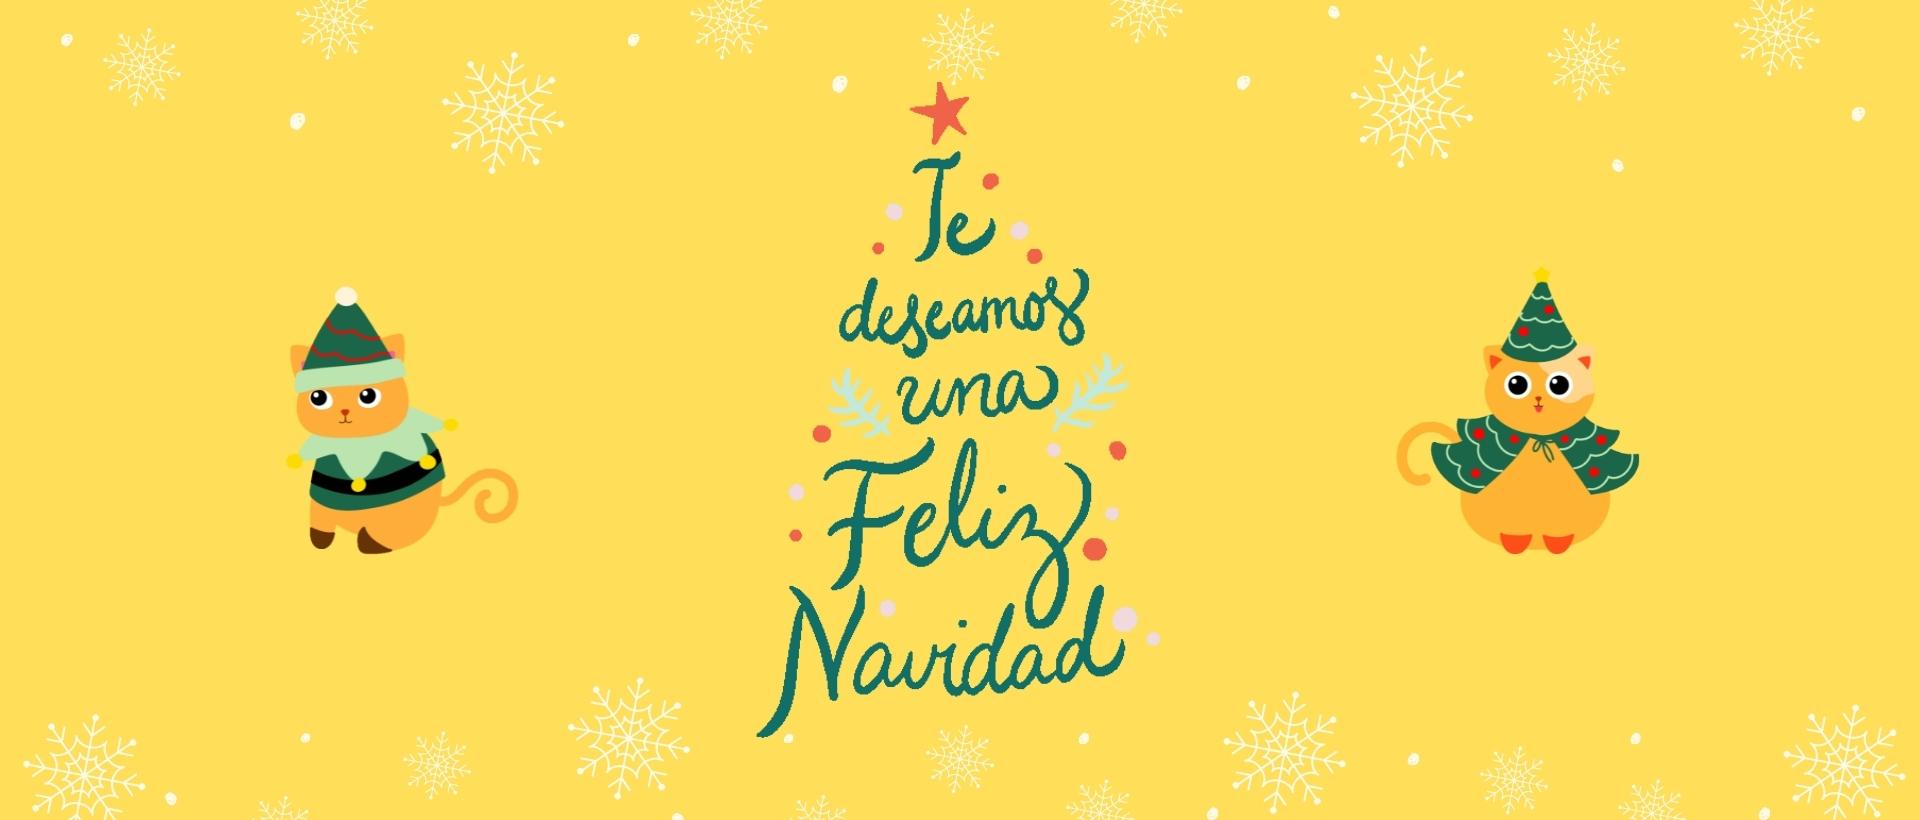 Te deseamos una feliz Navidad